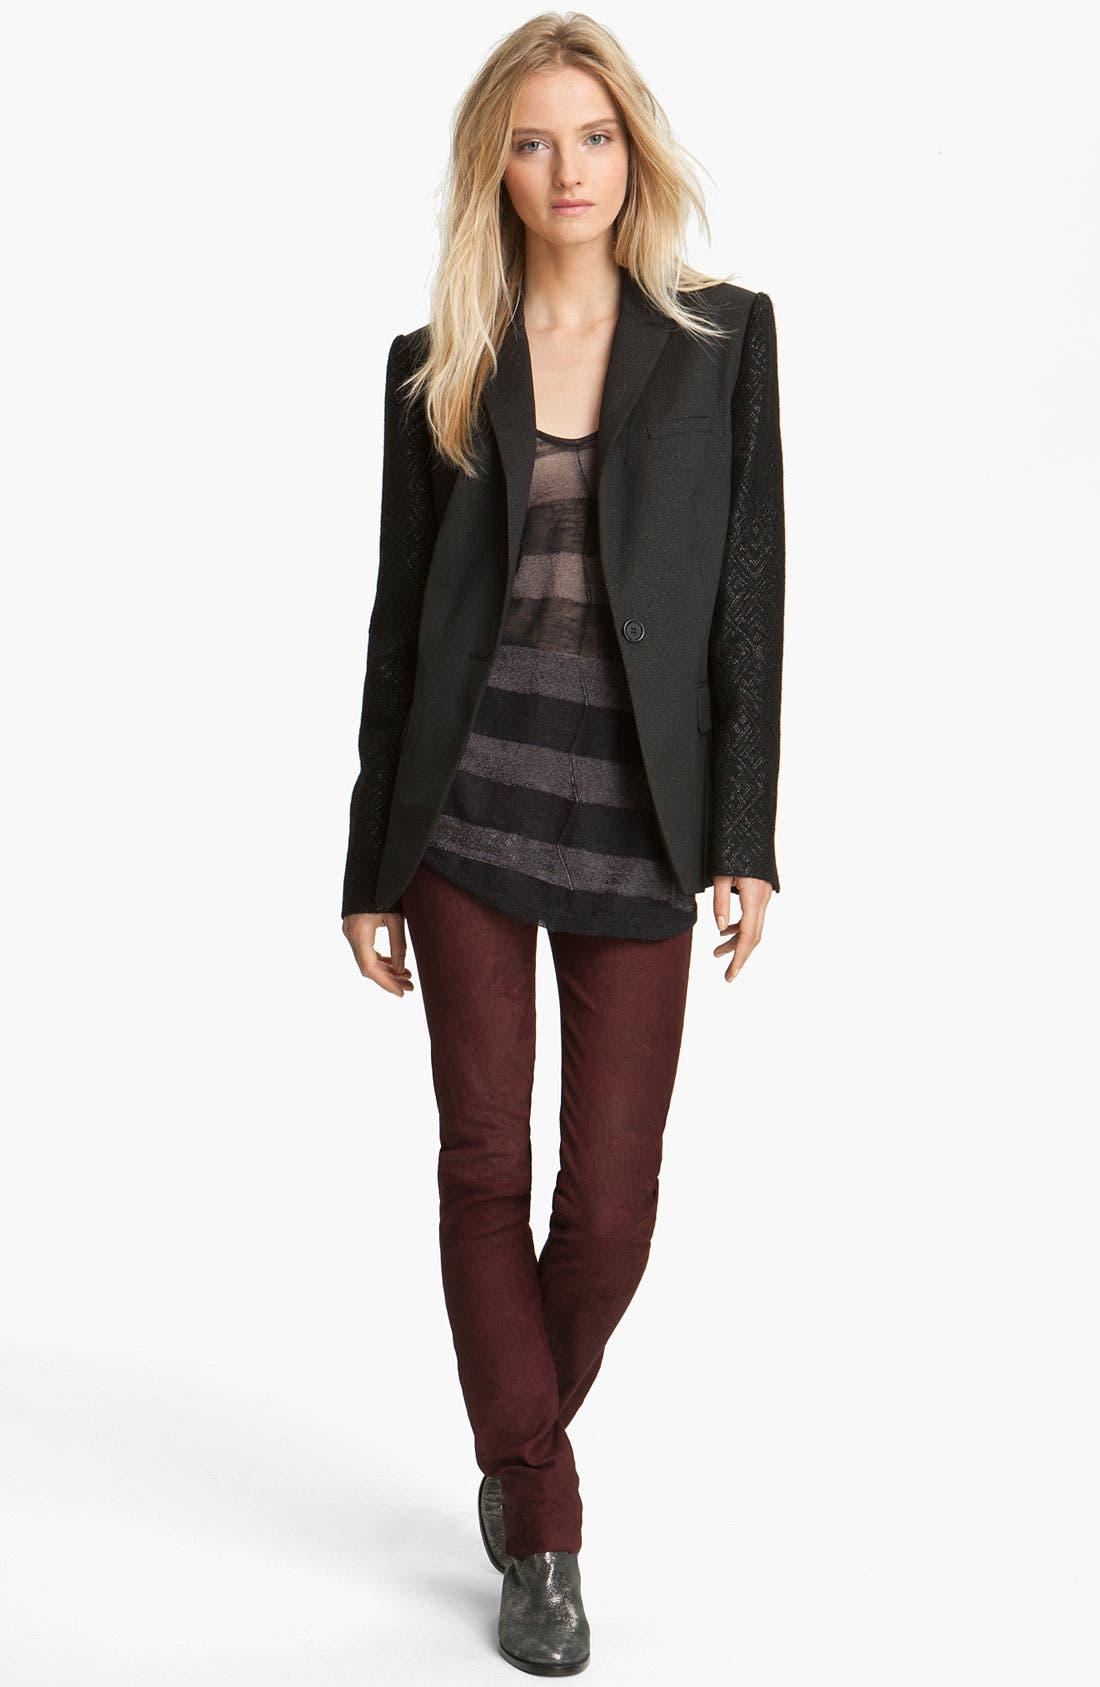 Alternate Image 1 Selected - Zadig & Voltaire 'Vanda' Textured Sleeve Jacket